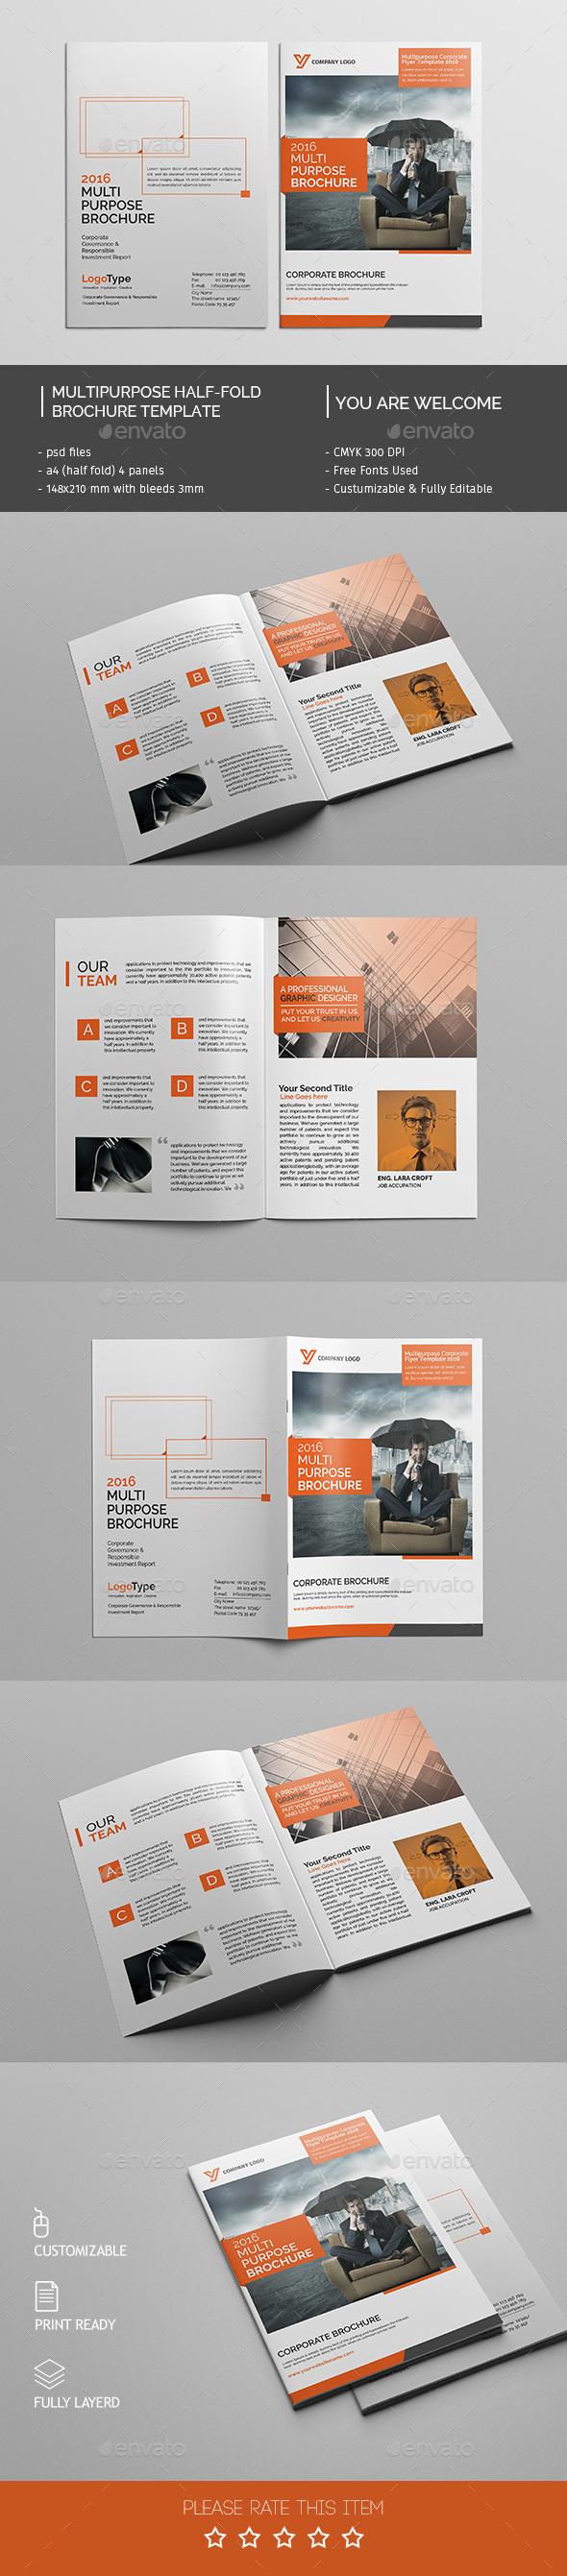 Corporate Bi-fold Brochure Template 04 - Corporate Brochures